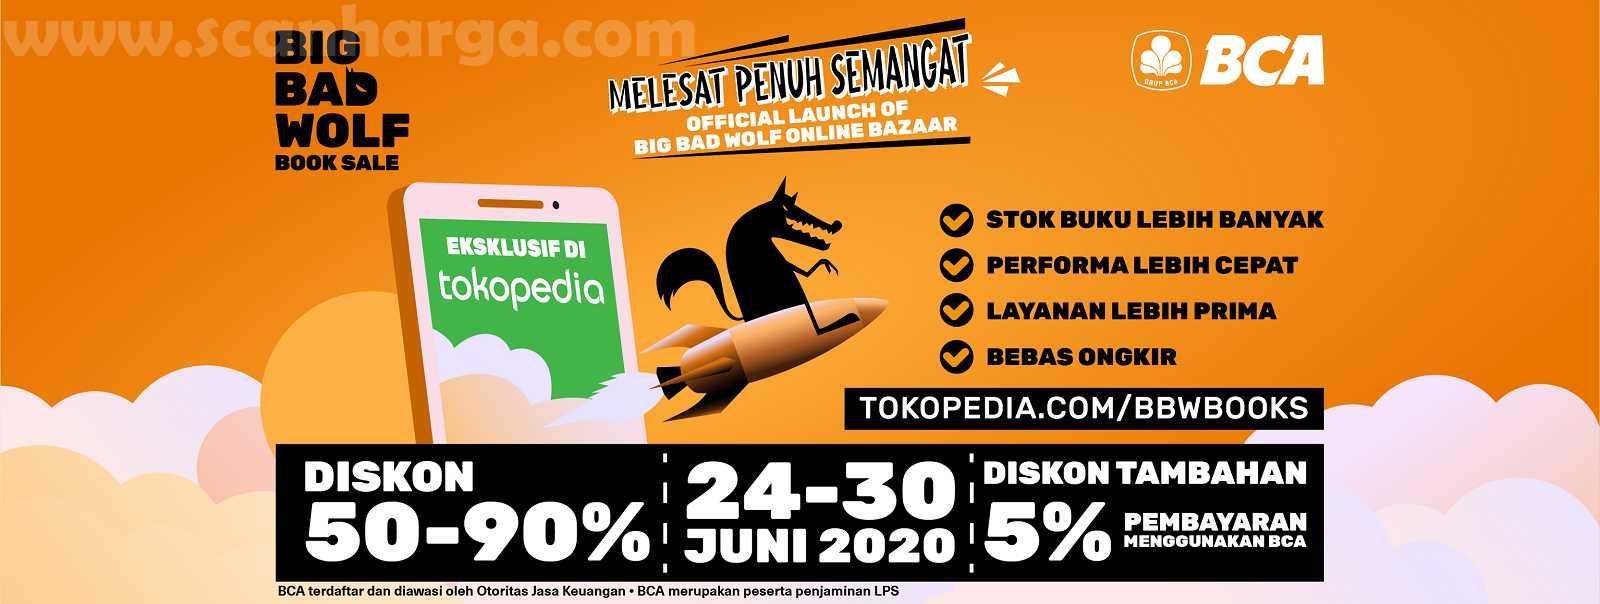 Promo Big Bad Wolf Online Via Tokopedia dan BCA Periode 24 - 30 Juni 2020